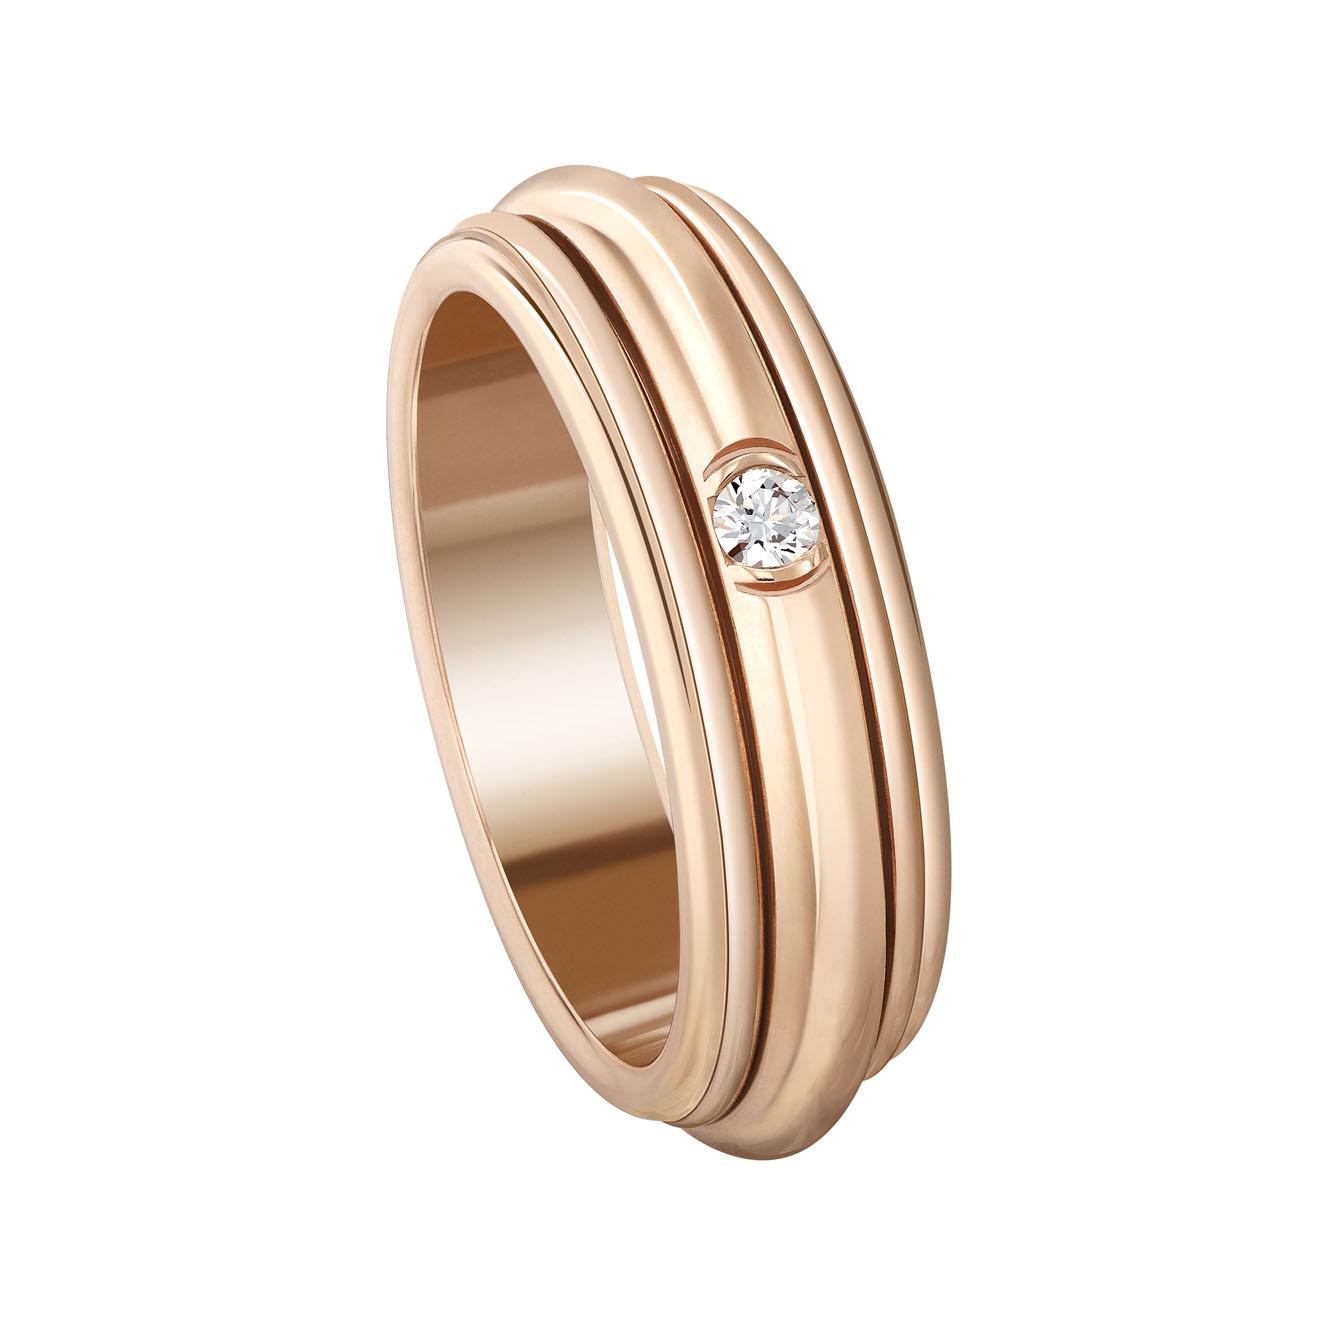 Piaget Possession 18K玫瑰金鑽石指環 參考售價81,000元起